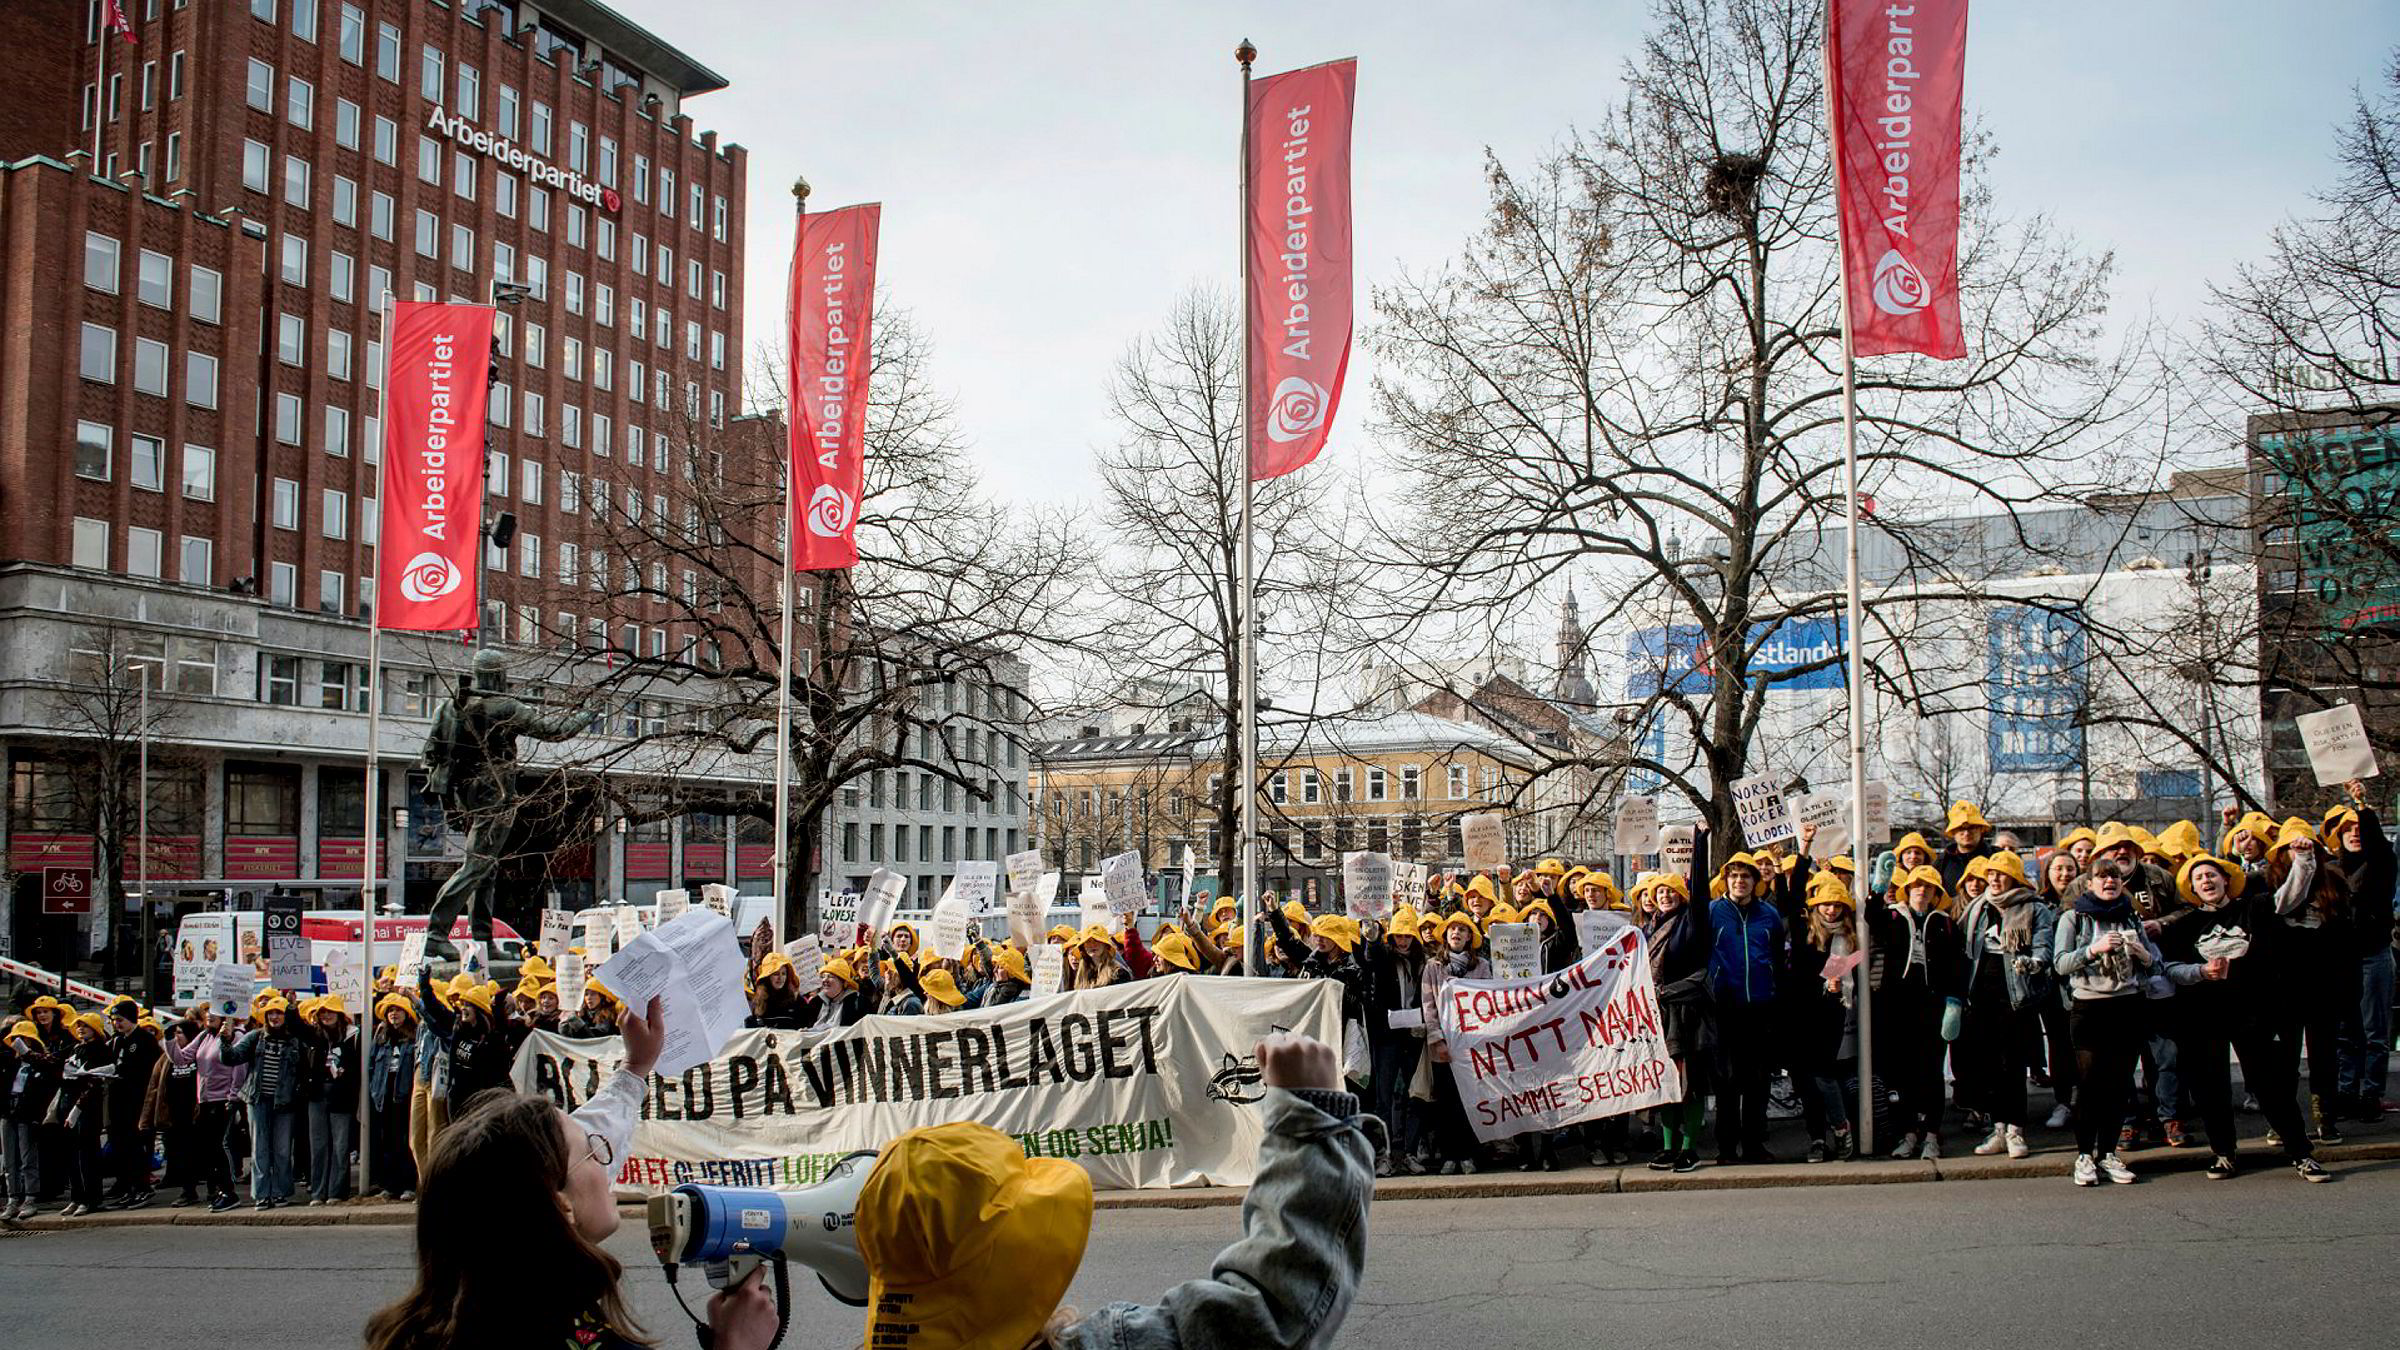 Nylig har Oslo Høyre tatt til orde for å verne Lofoten, Vesterålen, Senja og Barentshavet Nord for oljevirksomhet, skriver Kari Due-Andresen. Demonstranter oppfordret i fjor delegatene på Aps landsmøte til å stemme mot konsekvensutredning av Nordland 6, området utenfor Lofoten, Vesterålen og Senja.